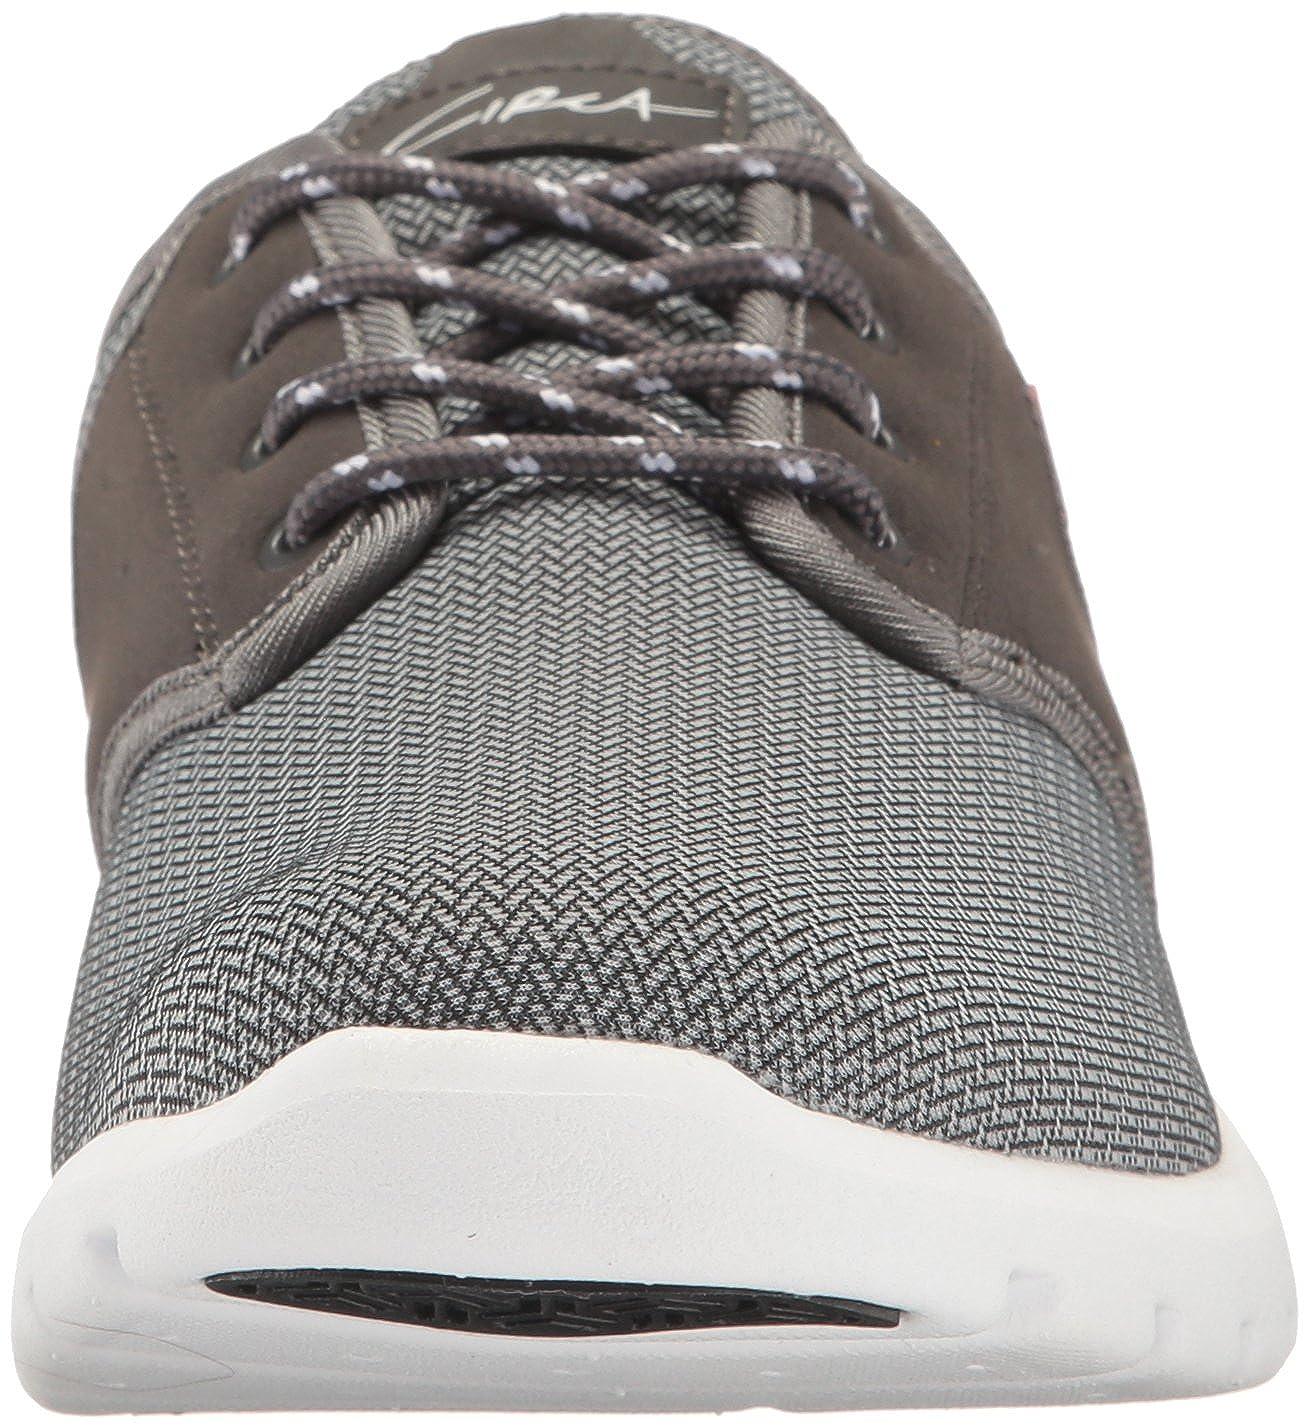 C1RCA Uomo Scarpe   scarpe da ginnastica Atlas Atlas Atlas B005AVPH6Q 43 EU Grigio | Outlet Store  | Colori vivaci  | On Line  | Trasporto Veloce  | adottare  | Molto apprezzato e ampiamente fidato dentro e fuori  325708